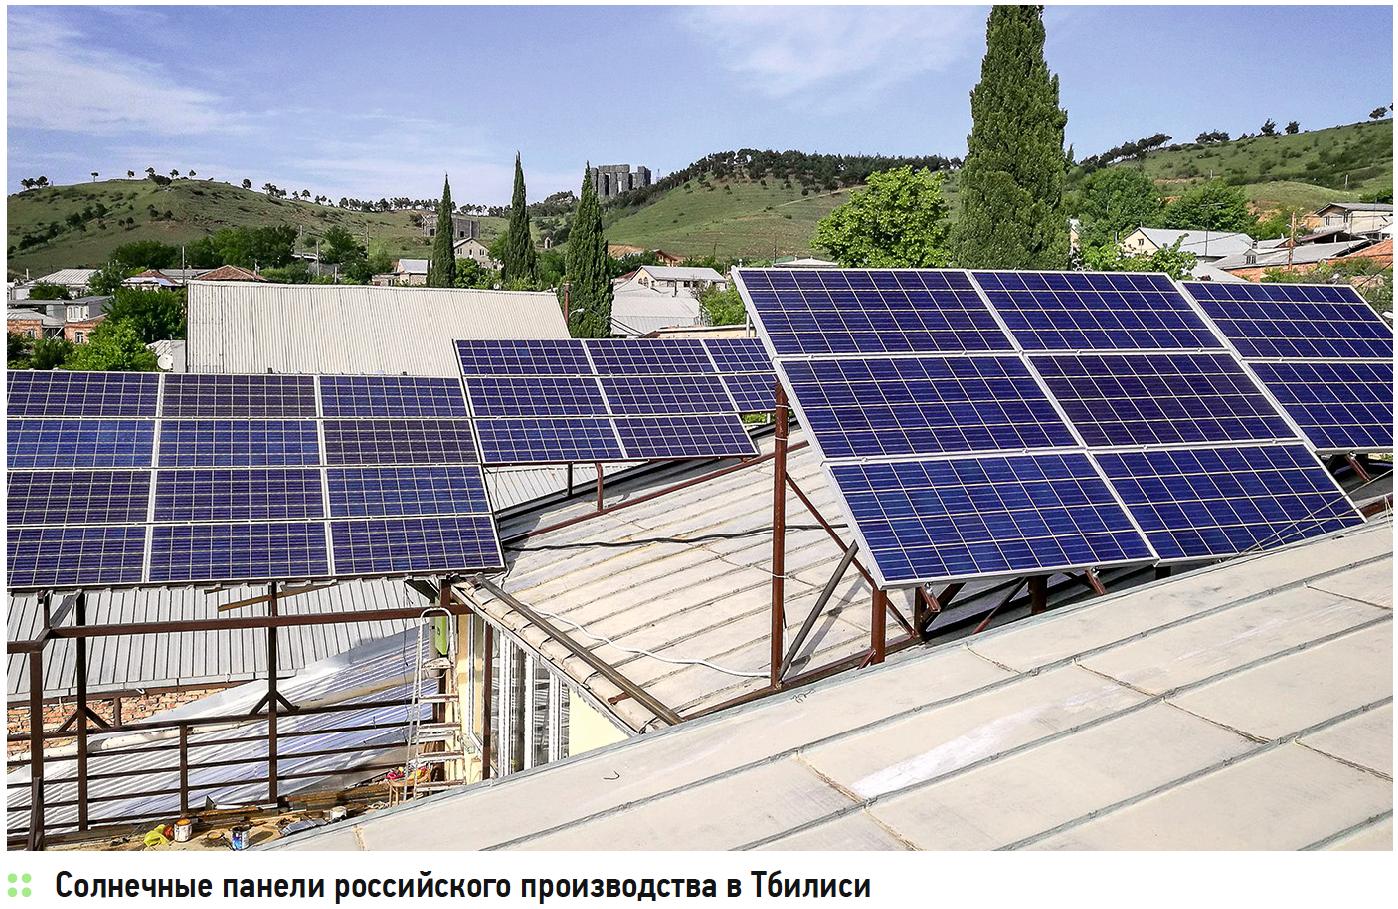 Развитие и реализованные проекты солнечной энергетики в России. 9/2019. Фото 7